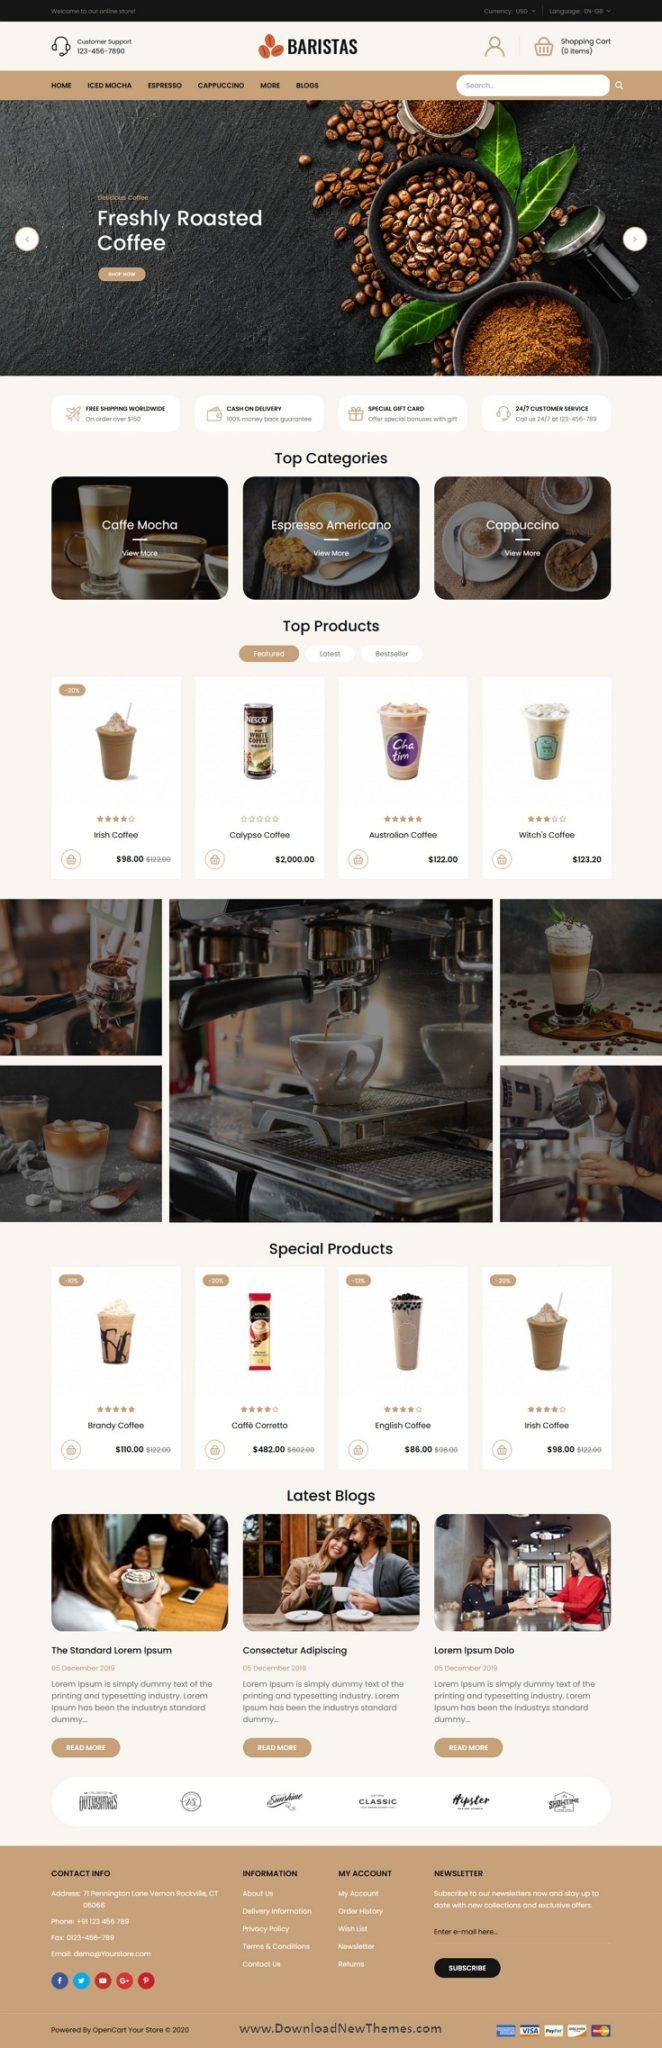 Thiết kế website quán cafe, trà sữa chuẩn SEO, có cơ hội cạnh tranh với đối thủ